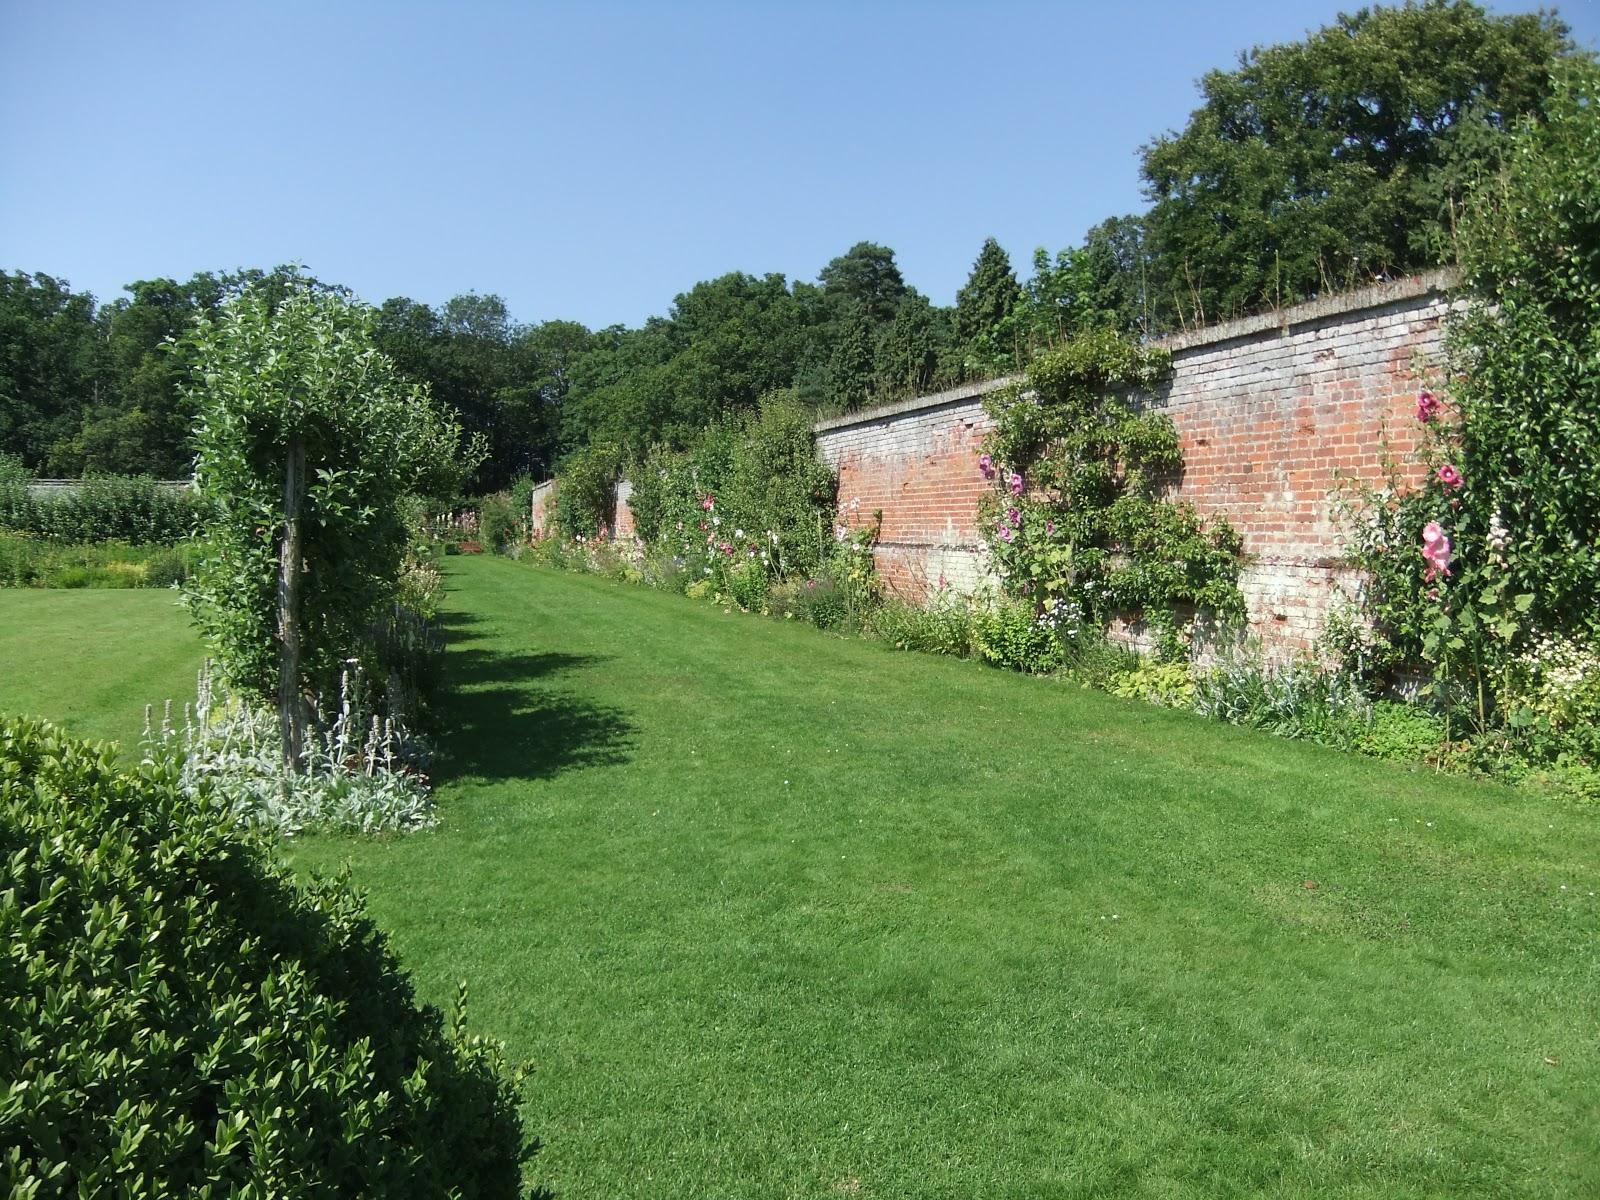 Ramblings from an English Garden: Kentwell Hall & Gardens Pt. 6